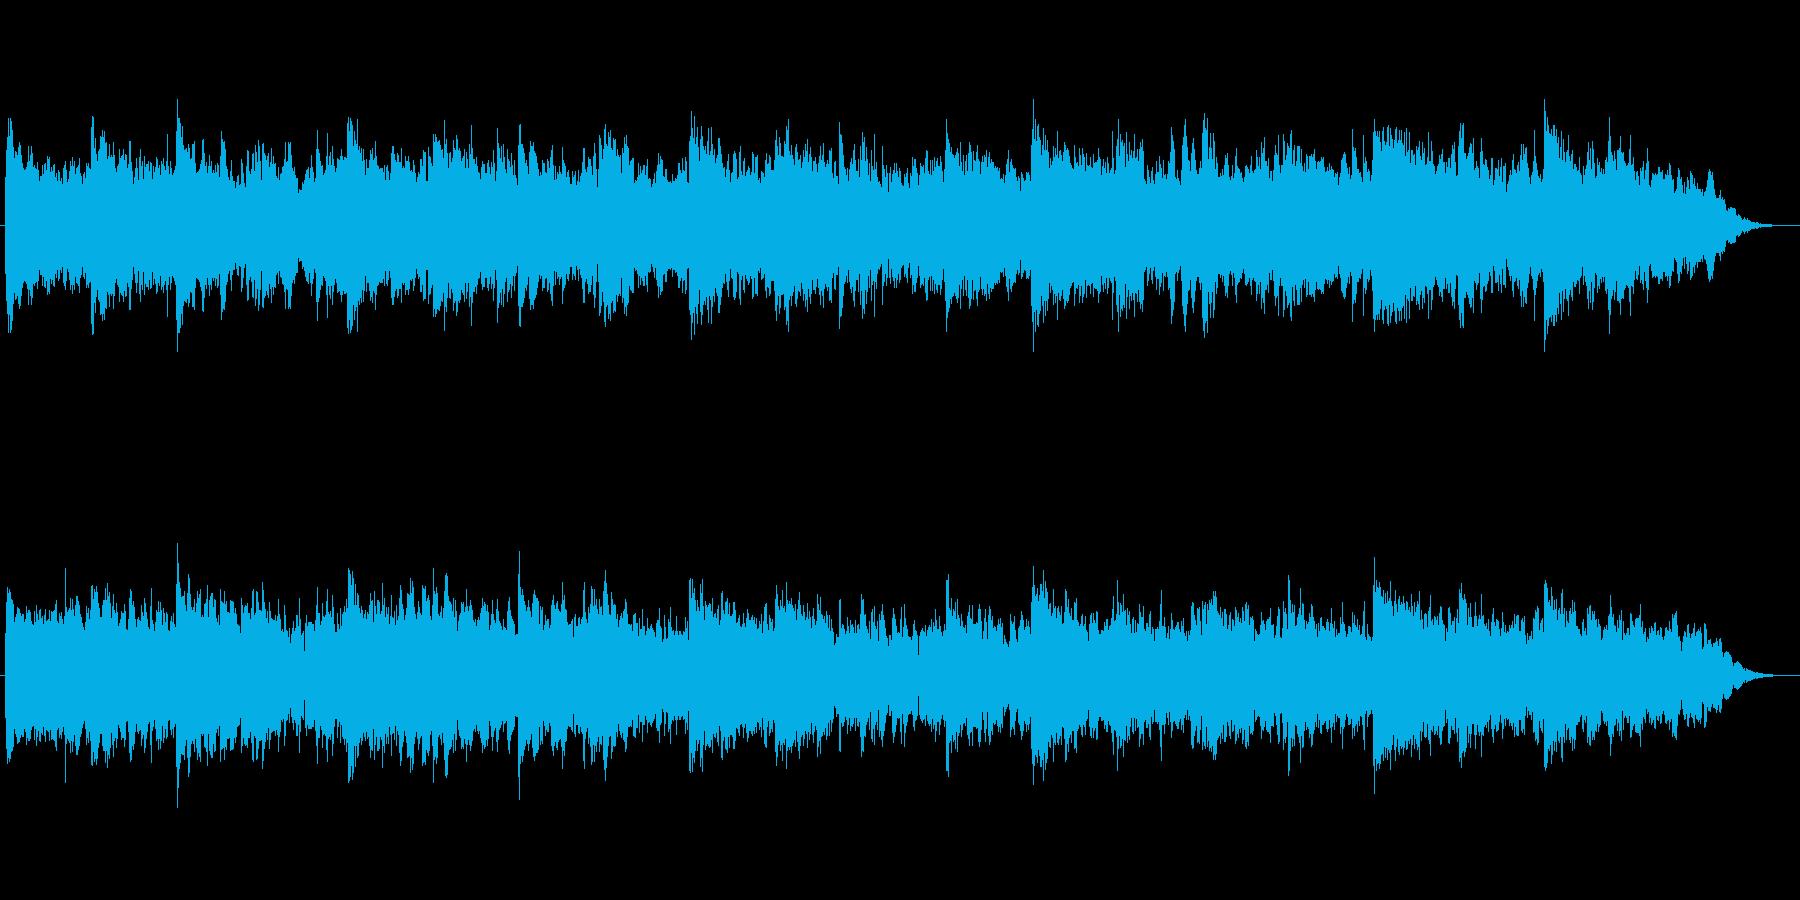 和楽器を使った和風幻想曲の再生済みの波形